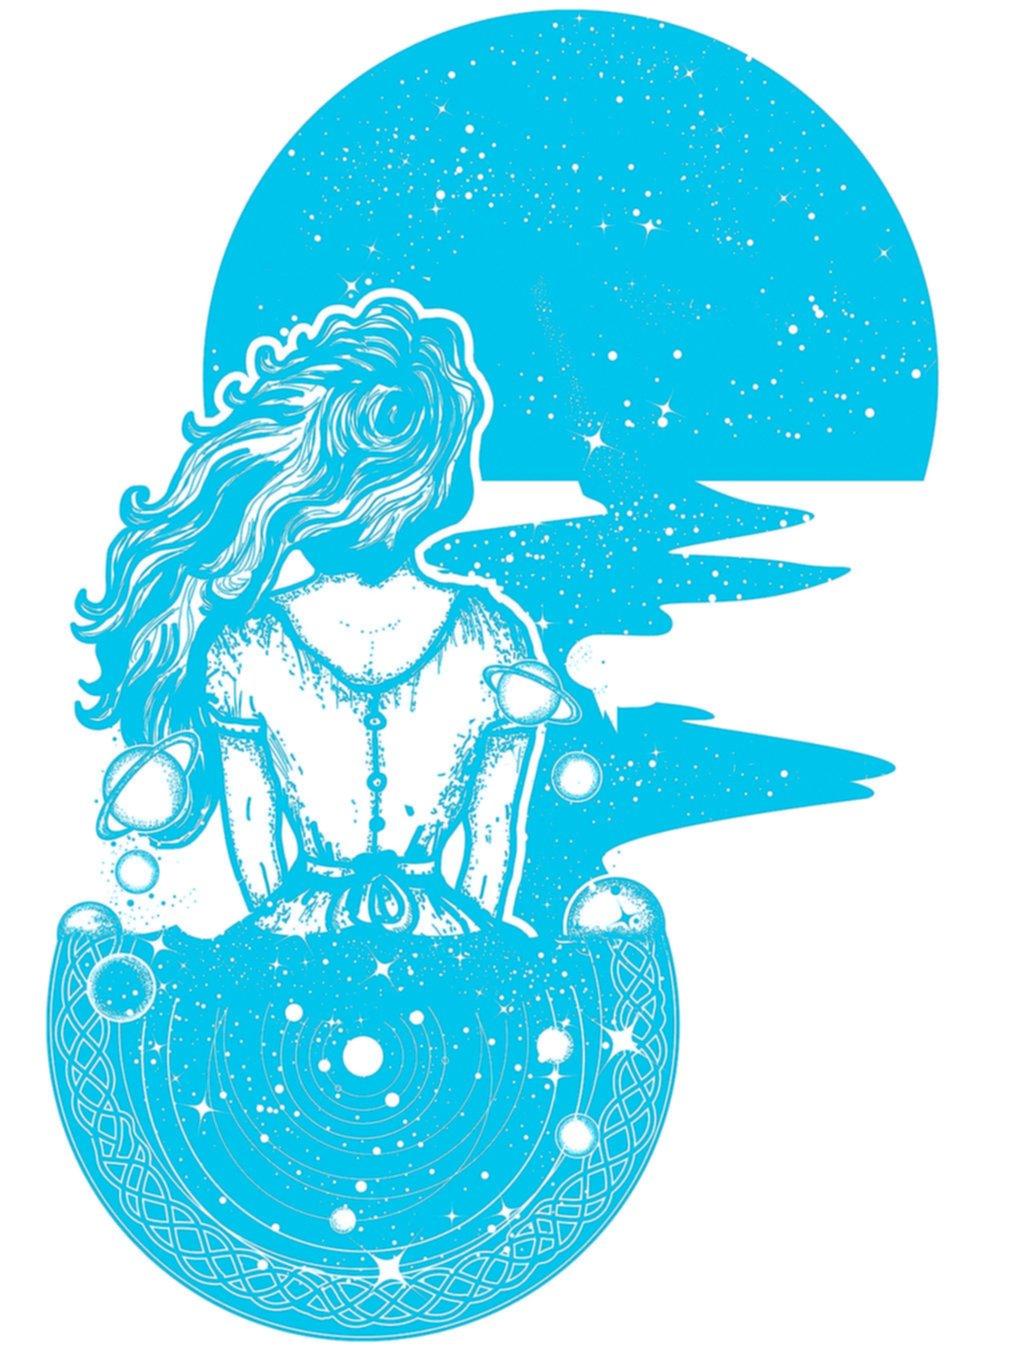 Boom astrológico: se apunta menos a las predicciones y propone trabajo de conciencia